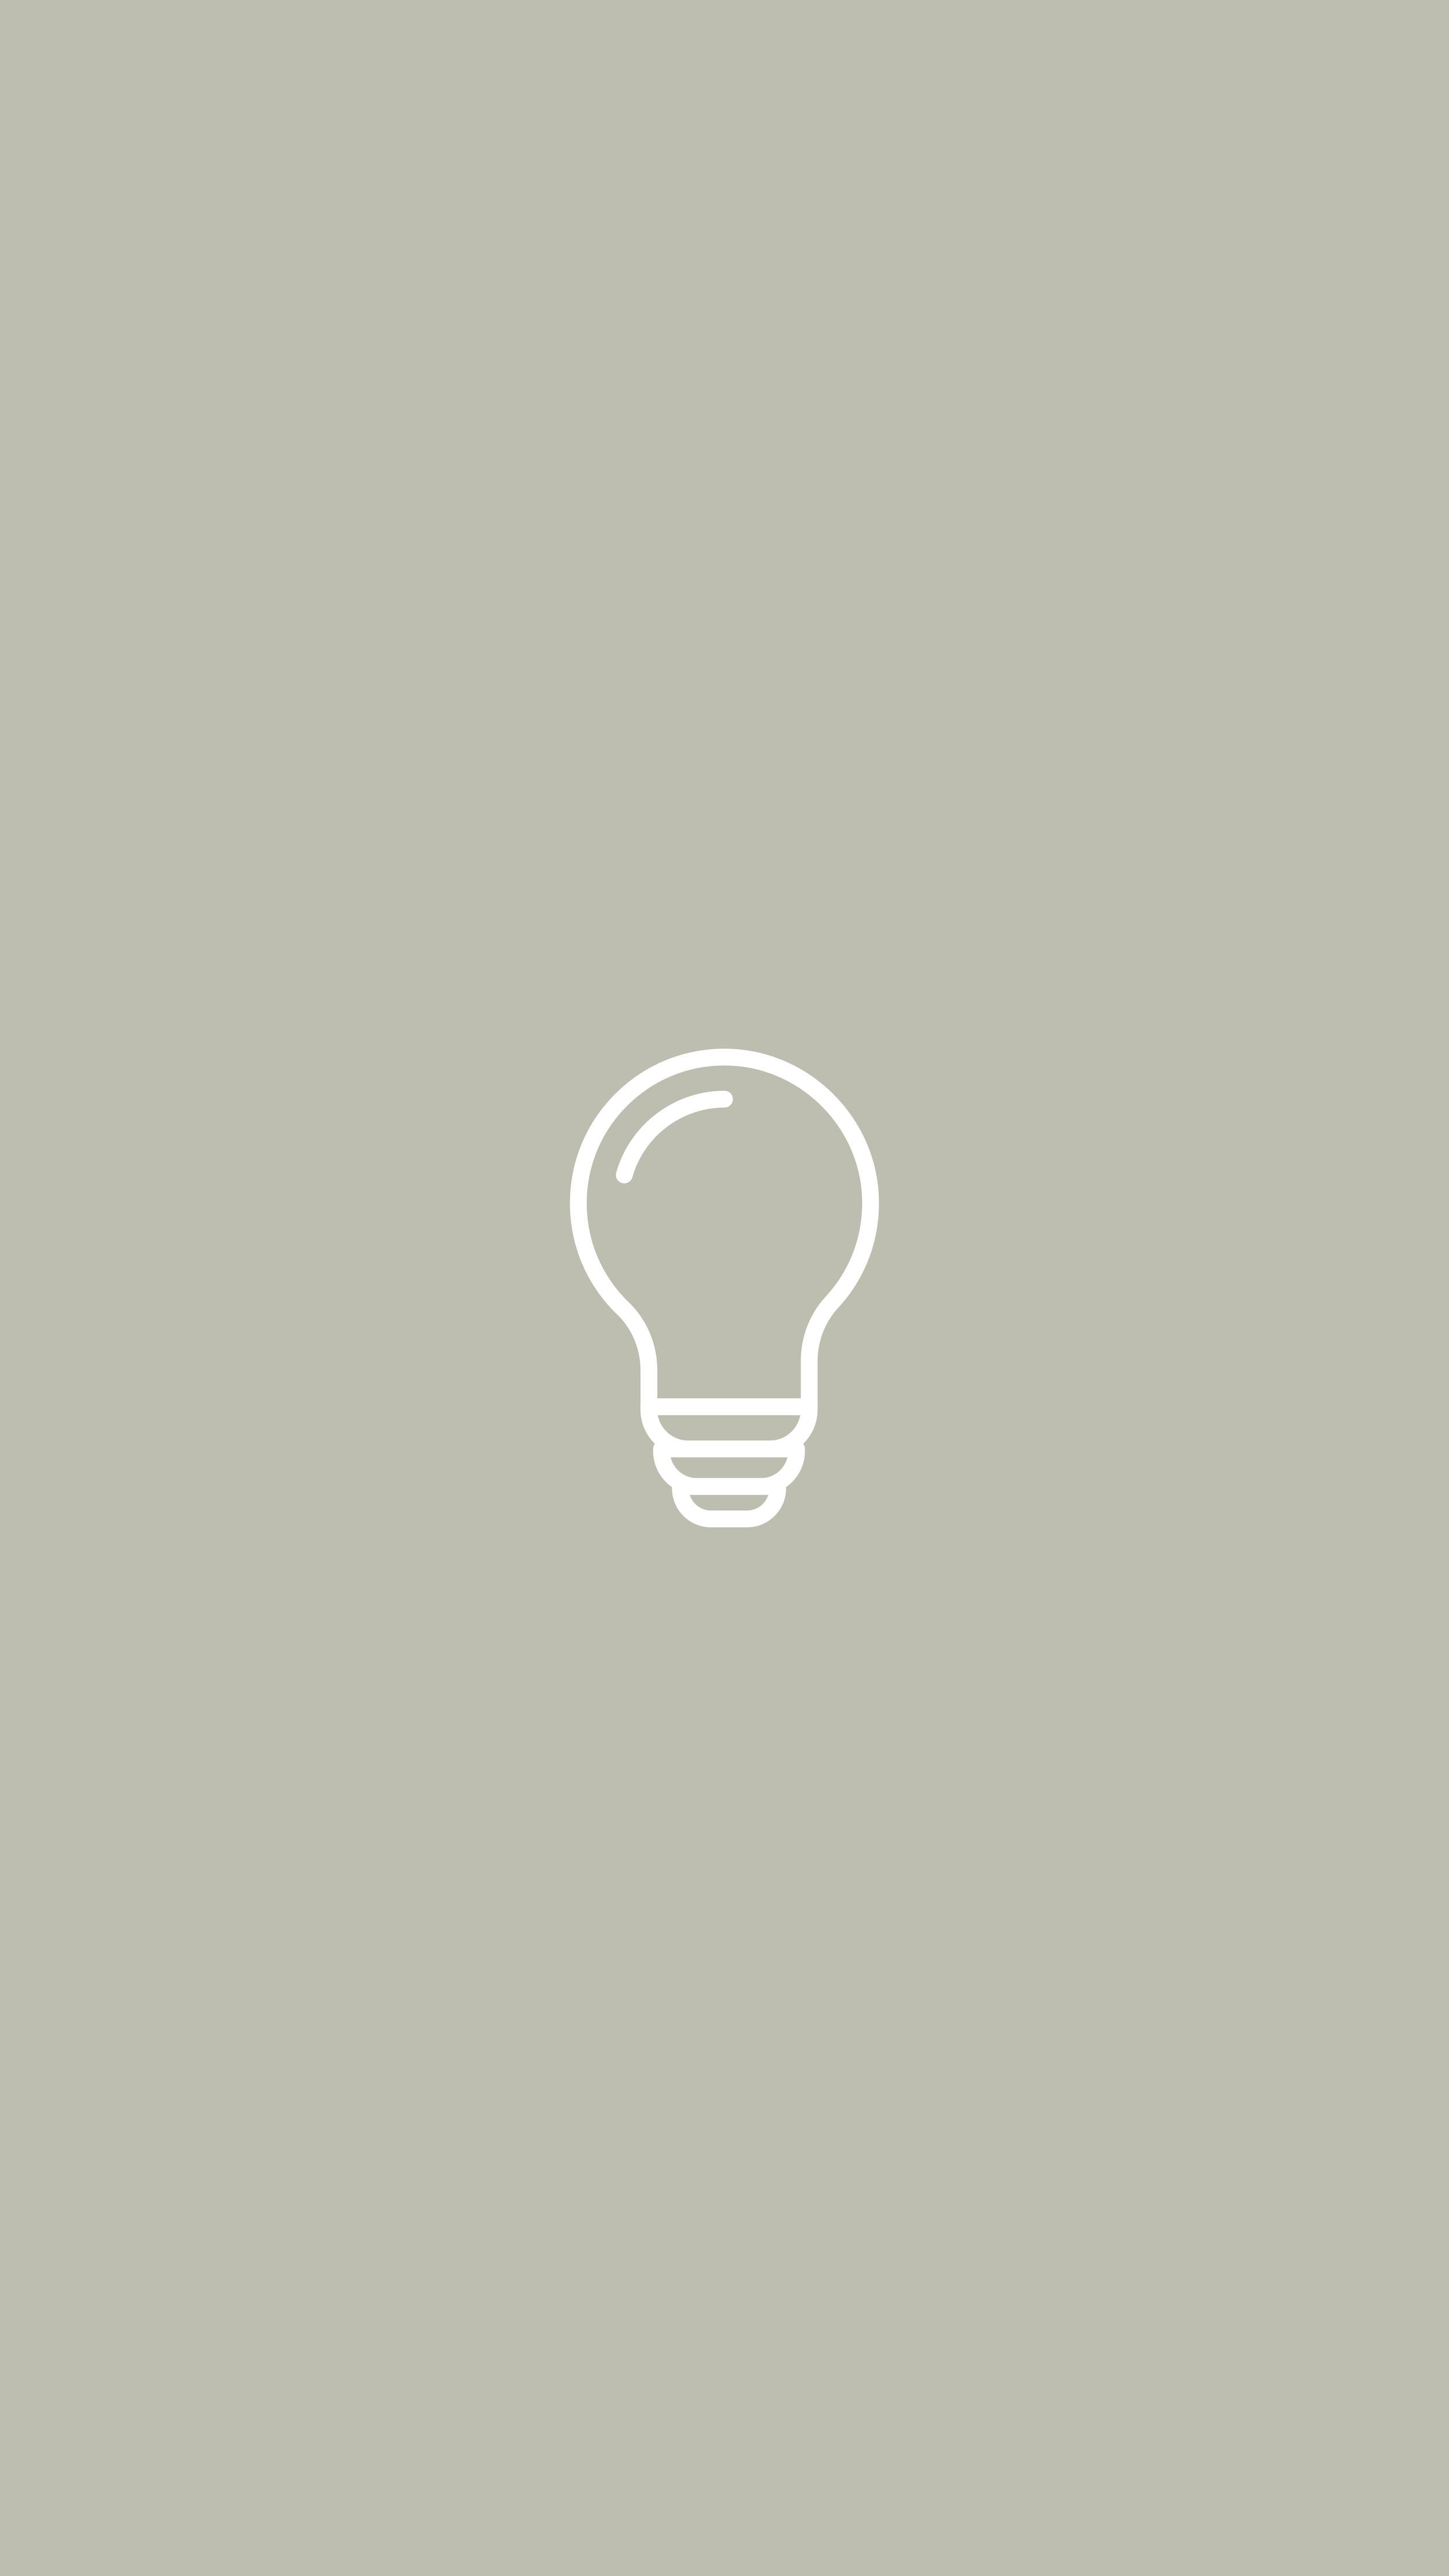 Lightbulb, Lighting, Lamp, Idea